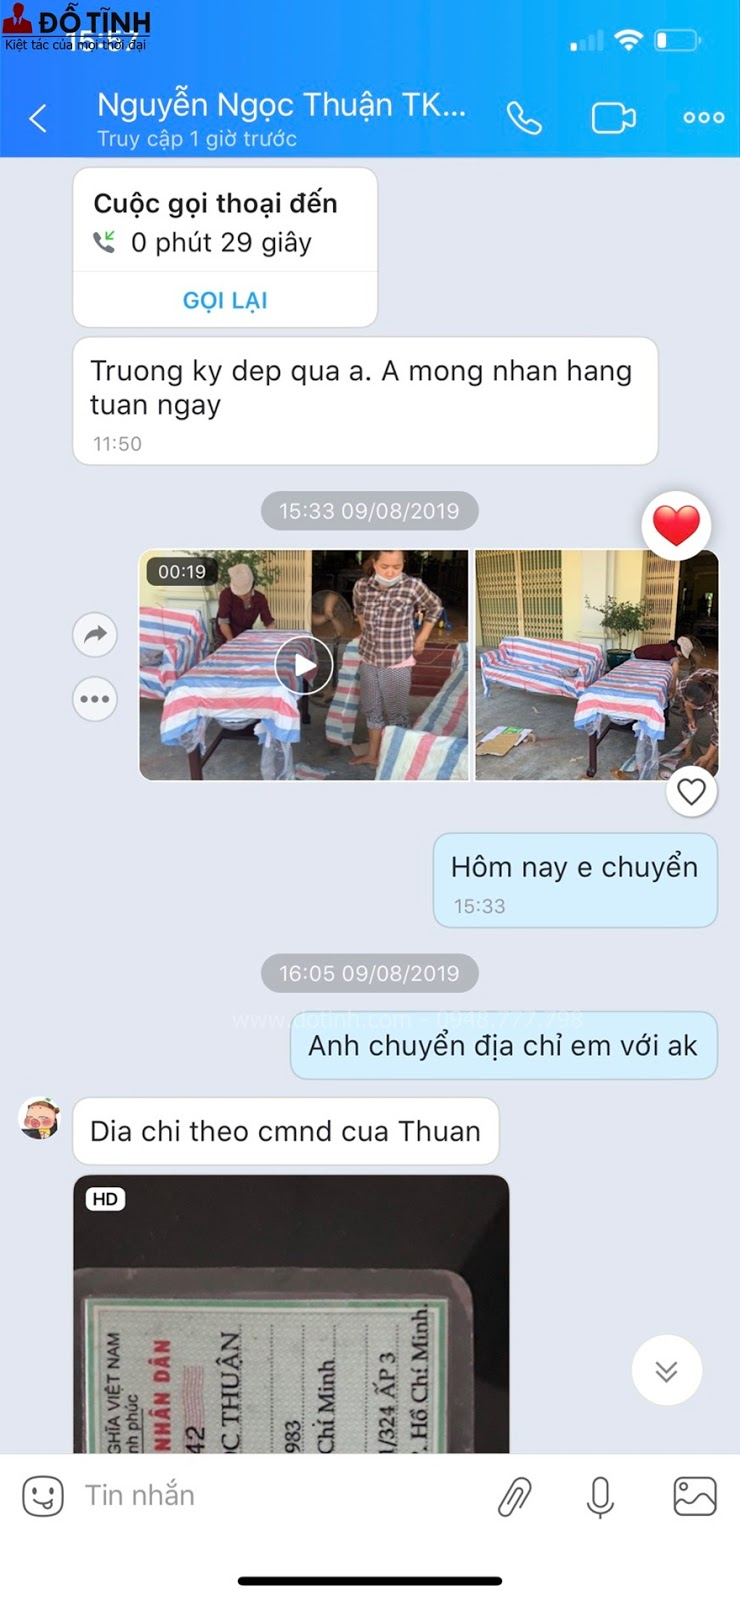 Mới chỉ ngắm hình ảnh mà Dotinh.com gửi cho mà anh Thuận luôn háo hức để nhận được hàng về tân trang cho ngôi nhà của mình